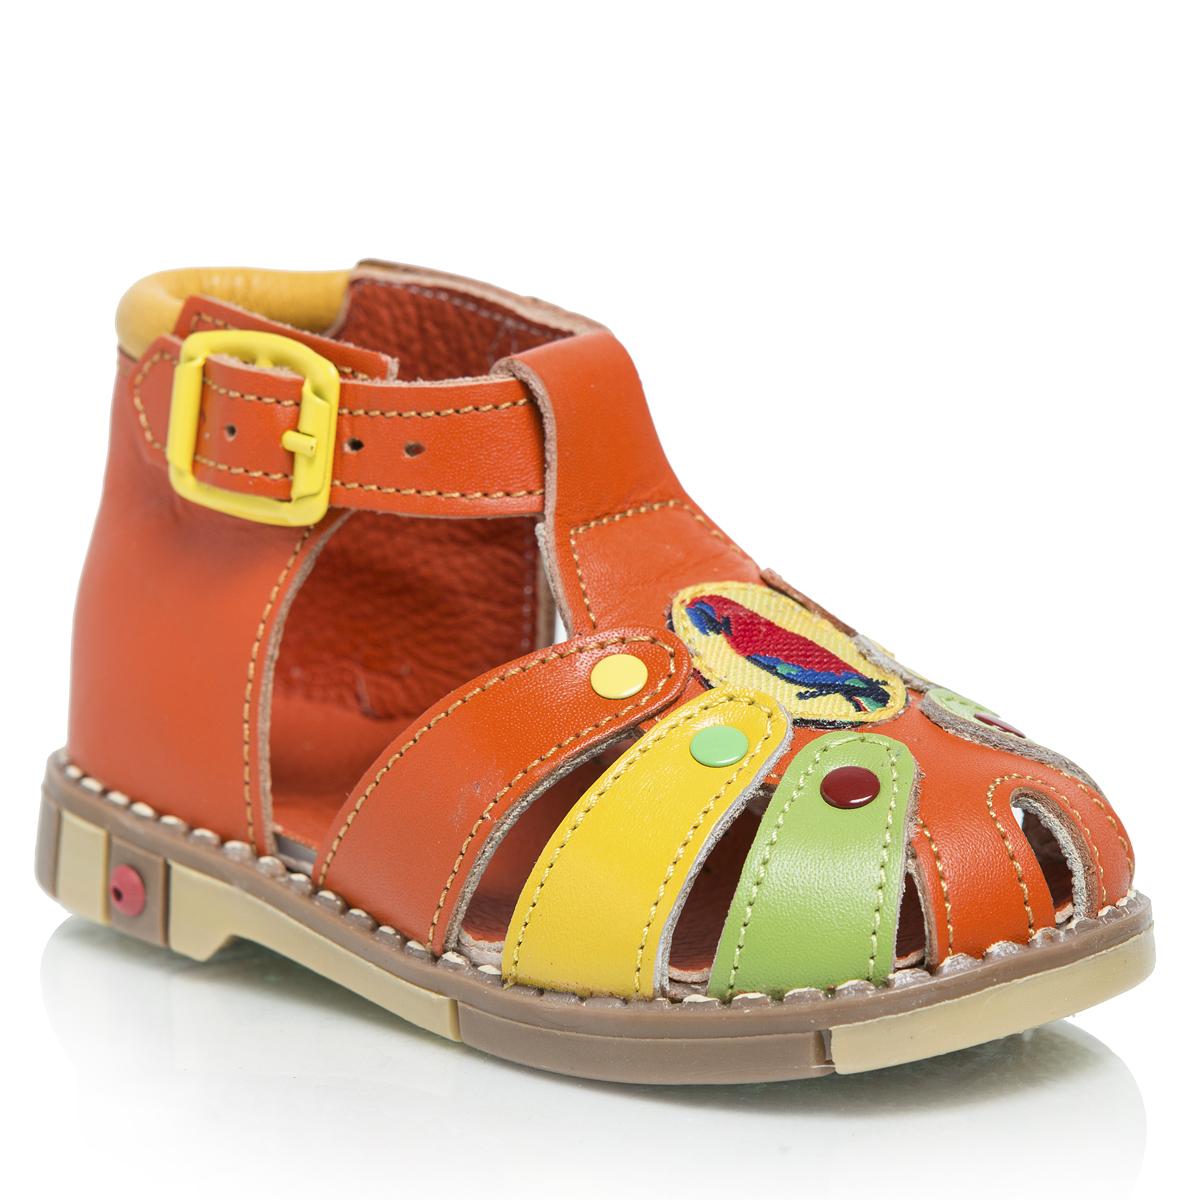 Сандалии221-19Очаровательные детские сандалии Таши Орто приведут в восторг вашу маленькую модницу. Модель выполнена из натуральной кожи контрастных цветов. Литая анатомическая стелька из натуральной кожи со сводоподдерживающим элементом и латексным покрытием, не продавливающаяся во время носки, обеспечивает правильное формирование стопы. Благодаря использованию современных внутренних материалов позволяет оптимально распределить нагрузку по всей площади стопы, дает ножке ощущение мягкости и комфорта. Полужесткий задник фиксирует ножку ребенка, не давая ей смещаться из стороны в сторону и назад. Мягкая верхняя часть, которая плотно прилегает к ножке, и подкладка, изготовленная из натуральной кожи, позволяют избежать натирания. Ремешок на застежке-пряжке помогает оптимально подогнать полноту обуви по ноге и гарантирует надежную фиксацию. Сандалии в области подъема декорированы текстильной нашивкой и цветными заклепками. Широкий, устойчивый каблук, специальной конфигурации каблук Томаса, продлен с...